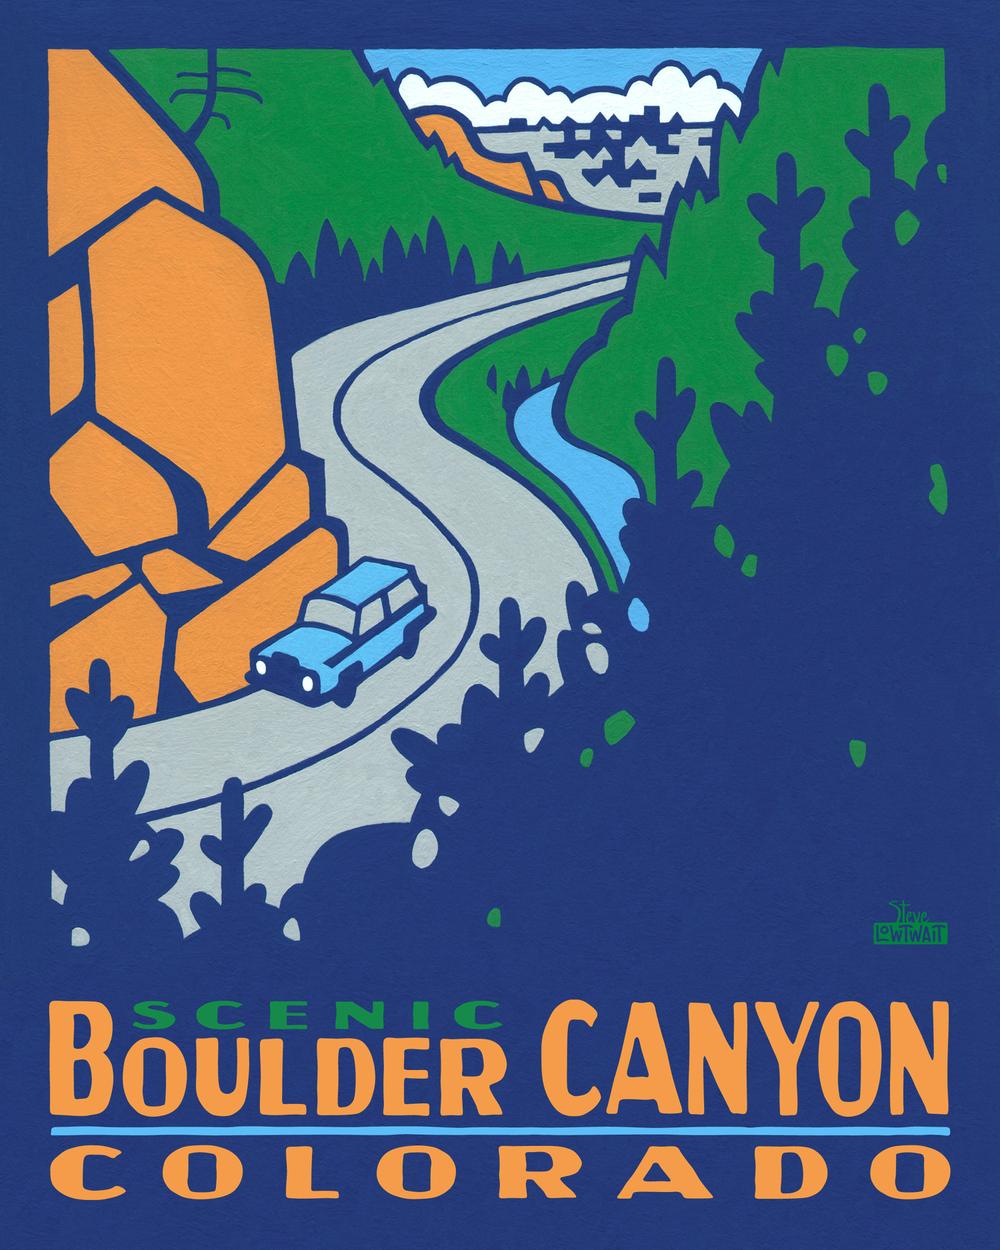 Boulder Canyon - Colorado• Buy